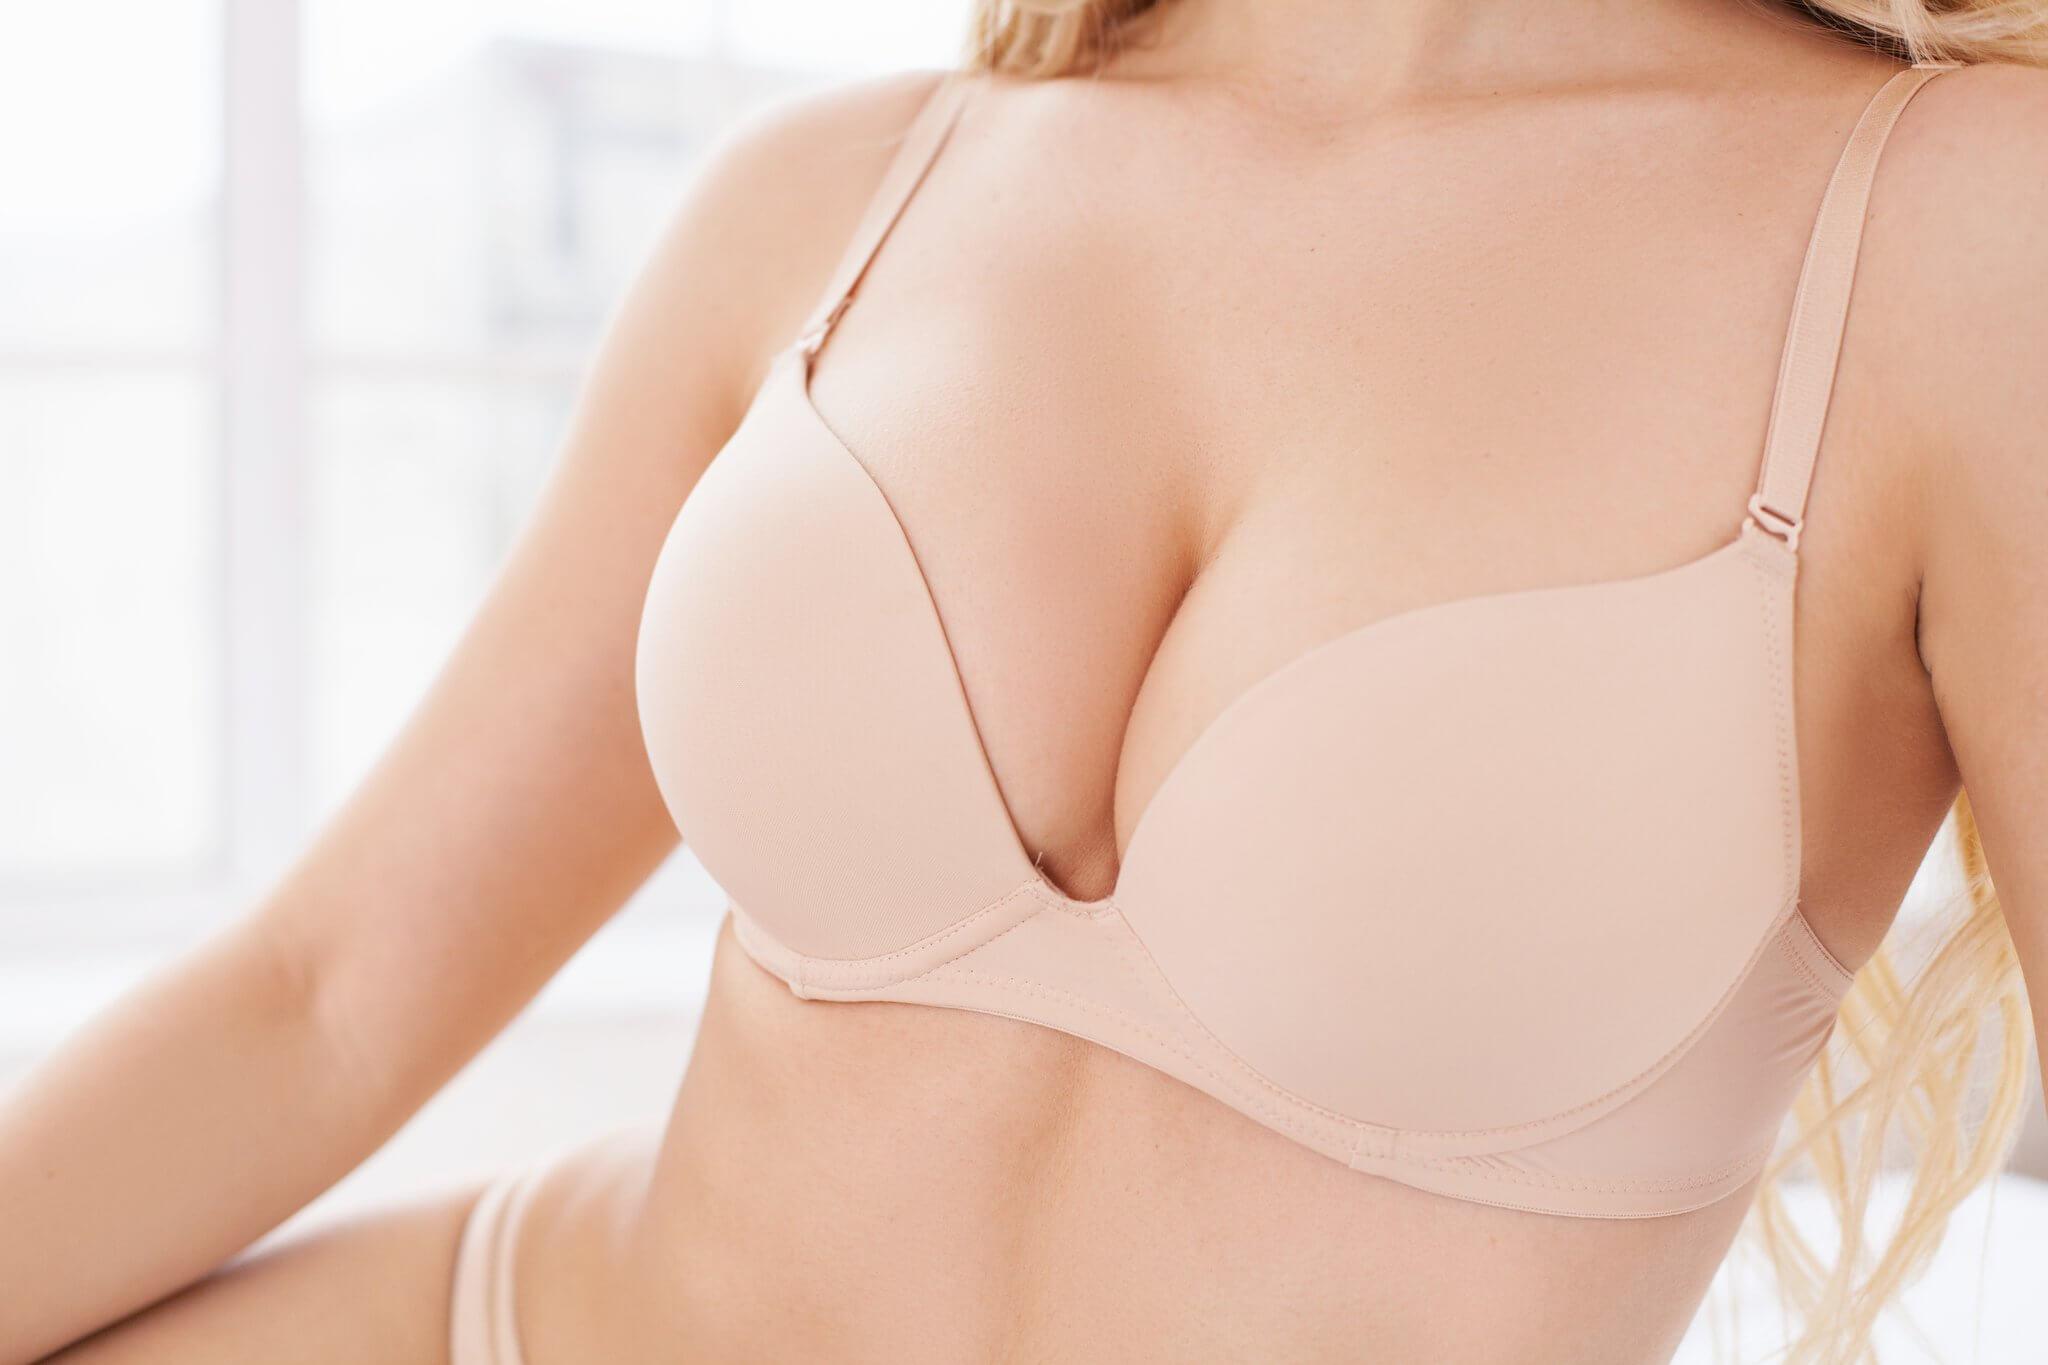 Thông tin về nâng ngực nội soi mà các chị em cần biết